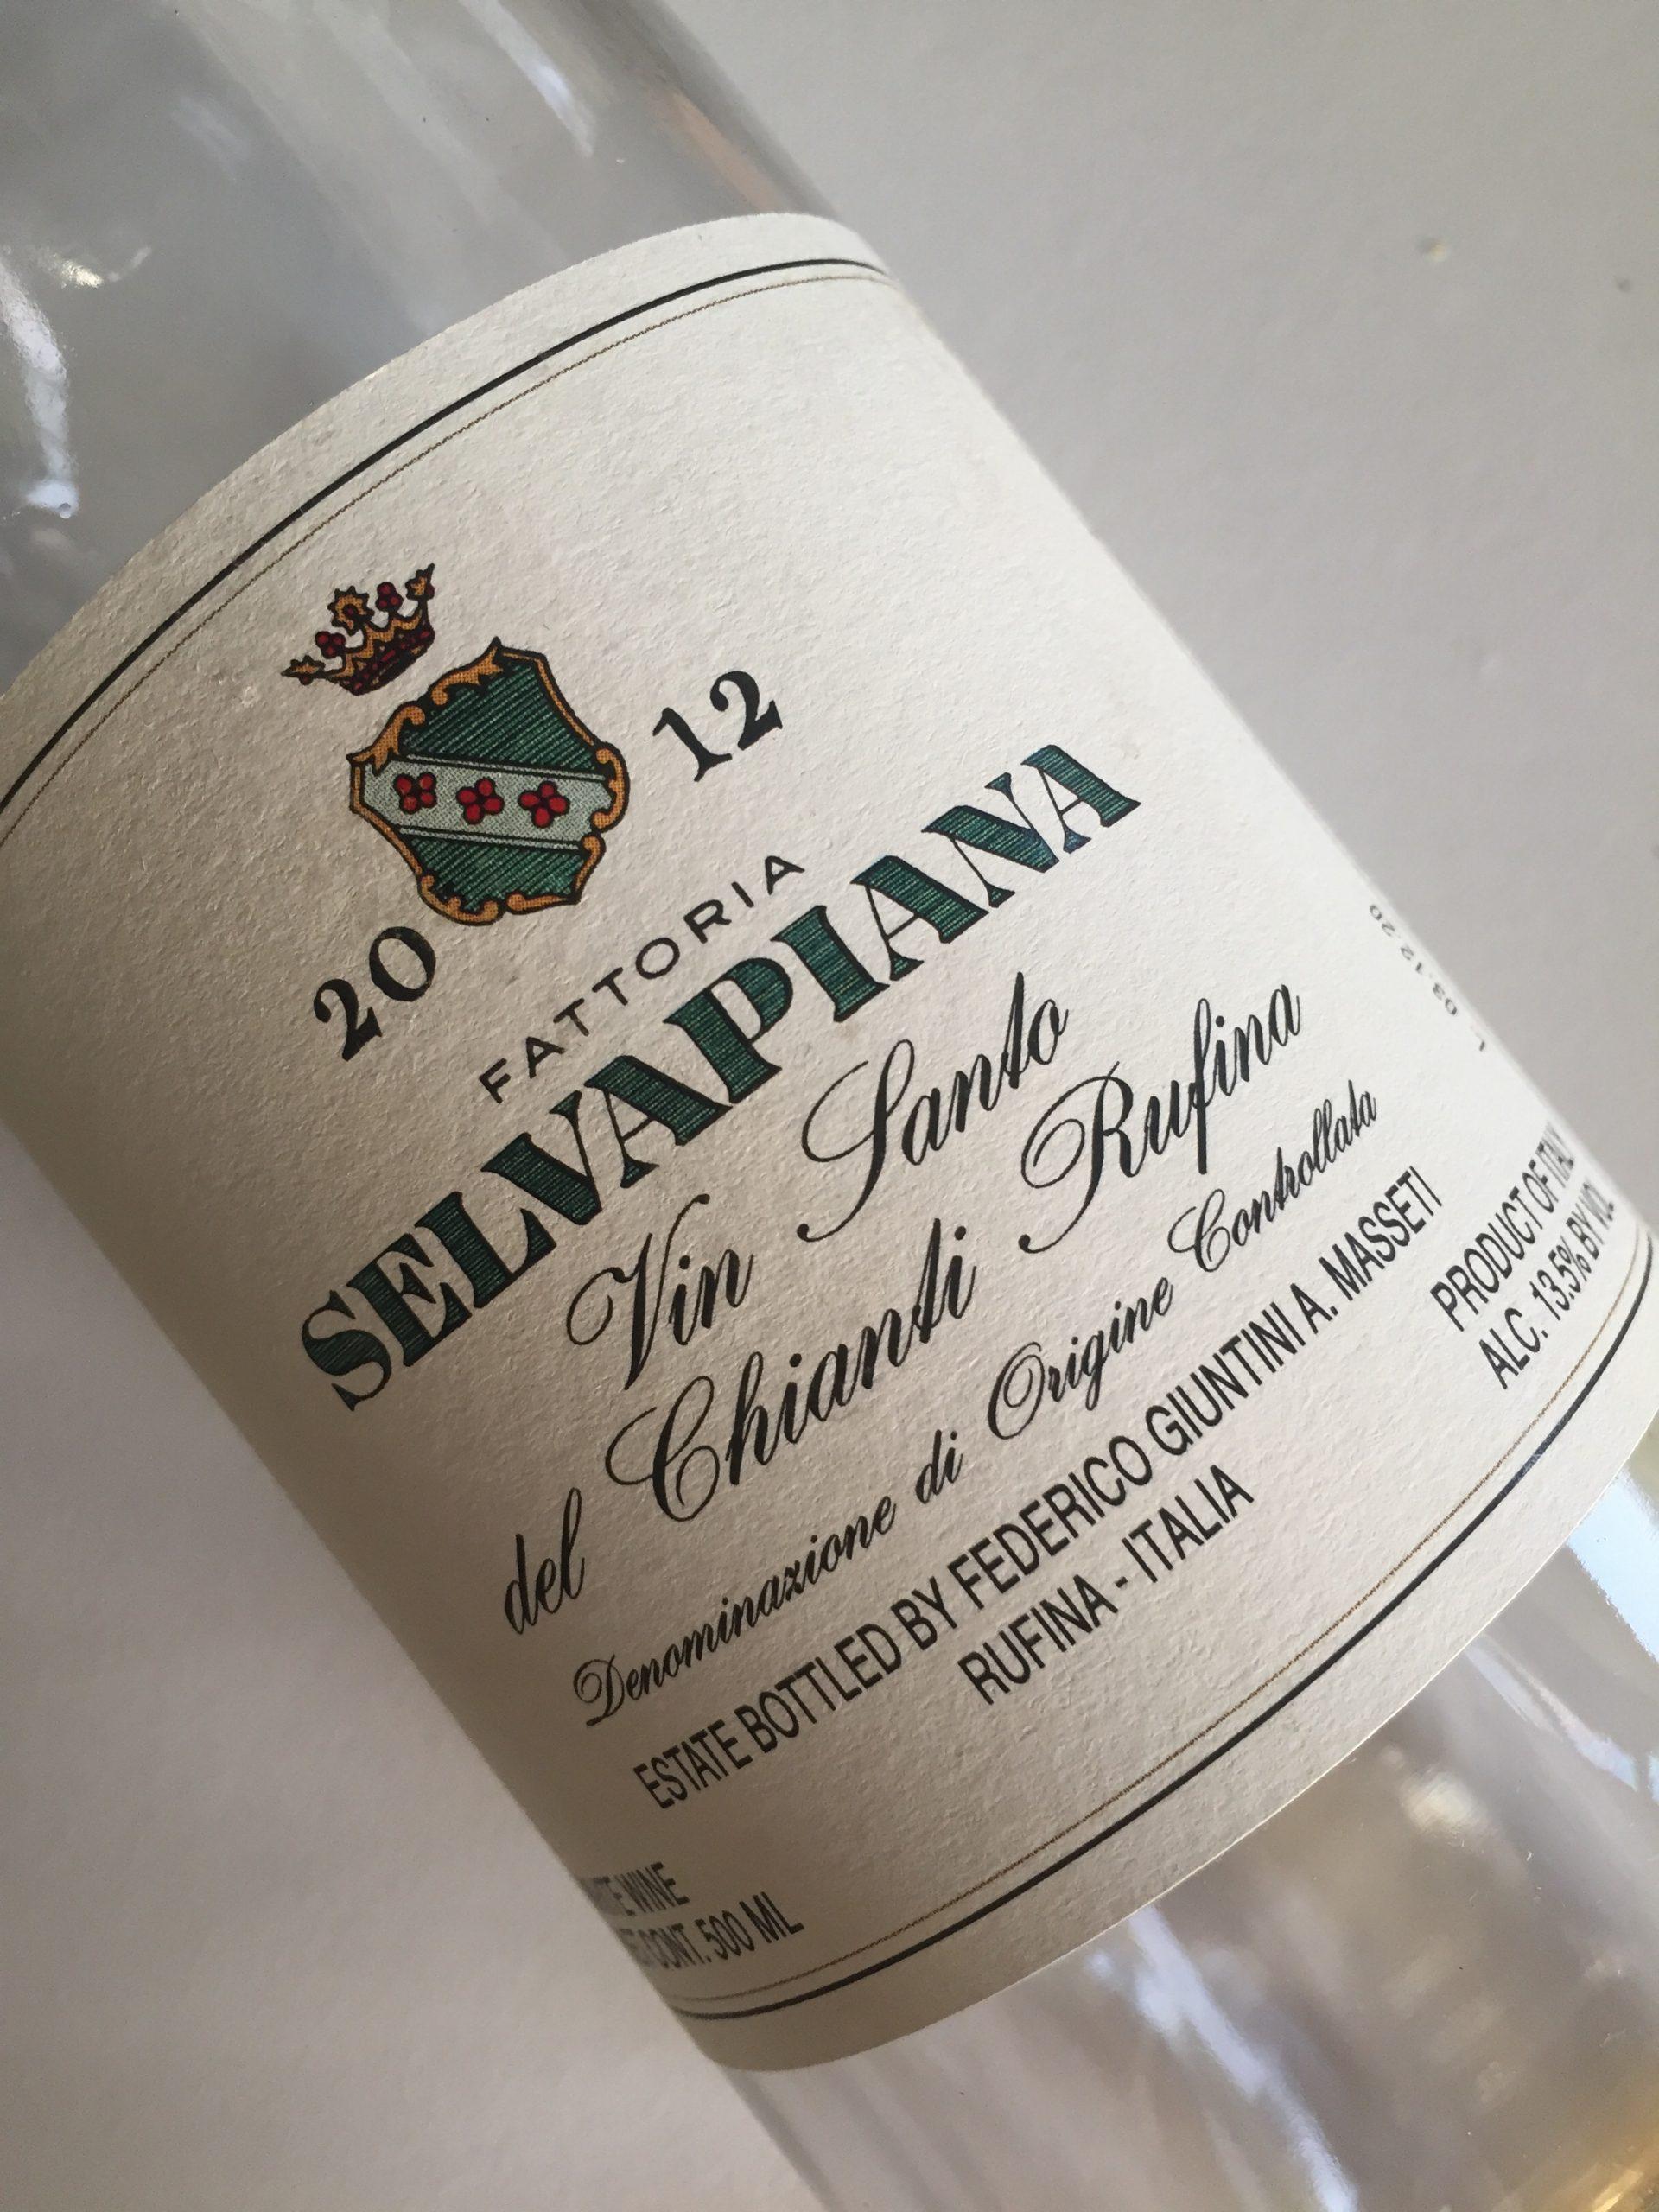 Selviapiana vin santo del chianti rufina